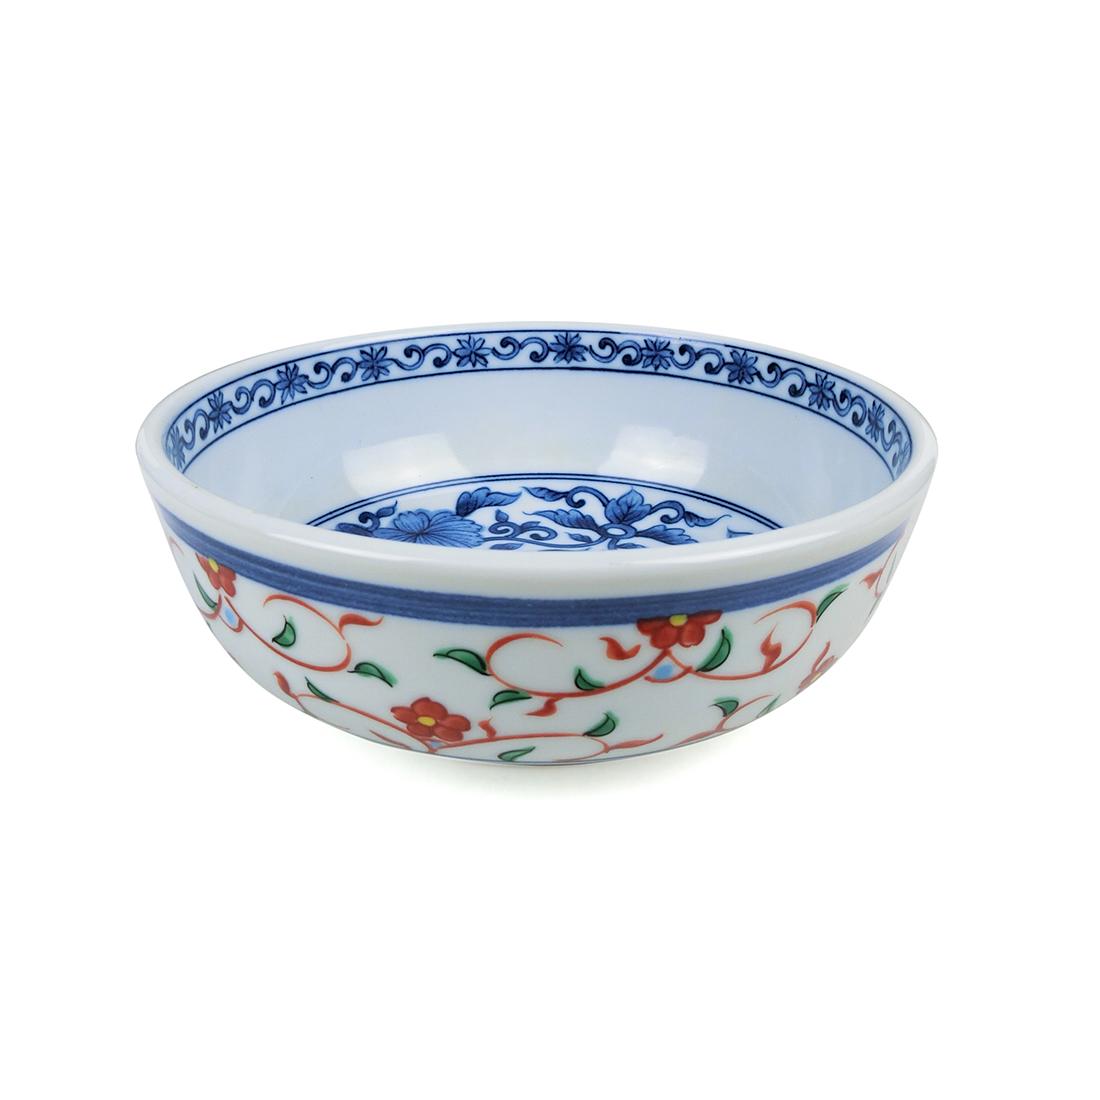 Tô Sứ Men Lam Chikusai Kiln - Nhật - 15.5 x 5.5 cm - 442435